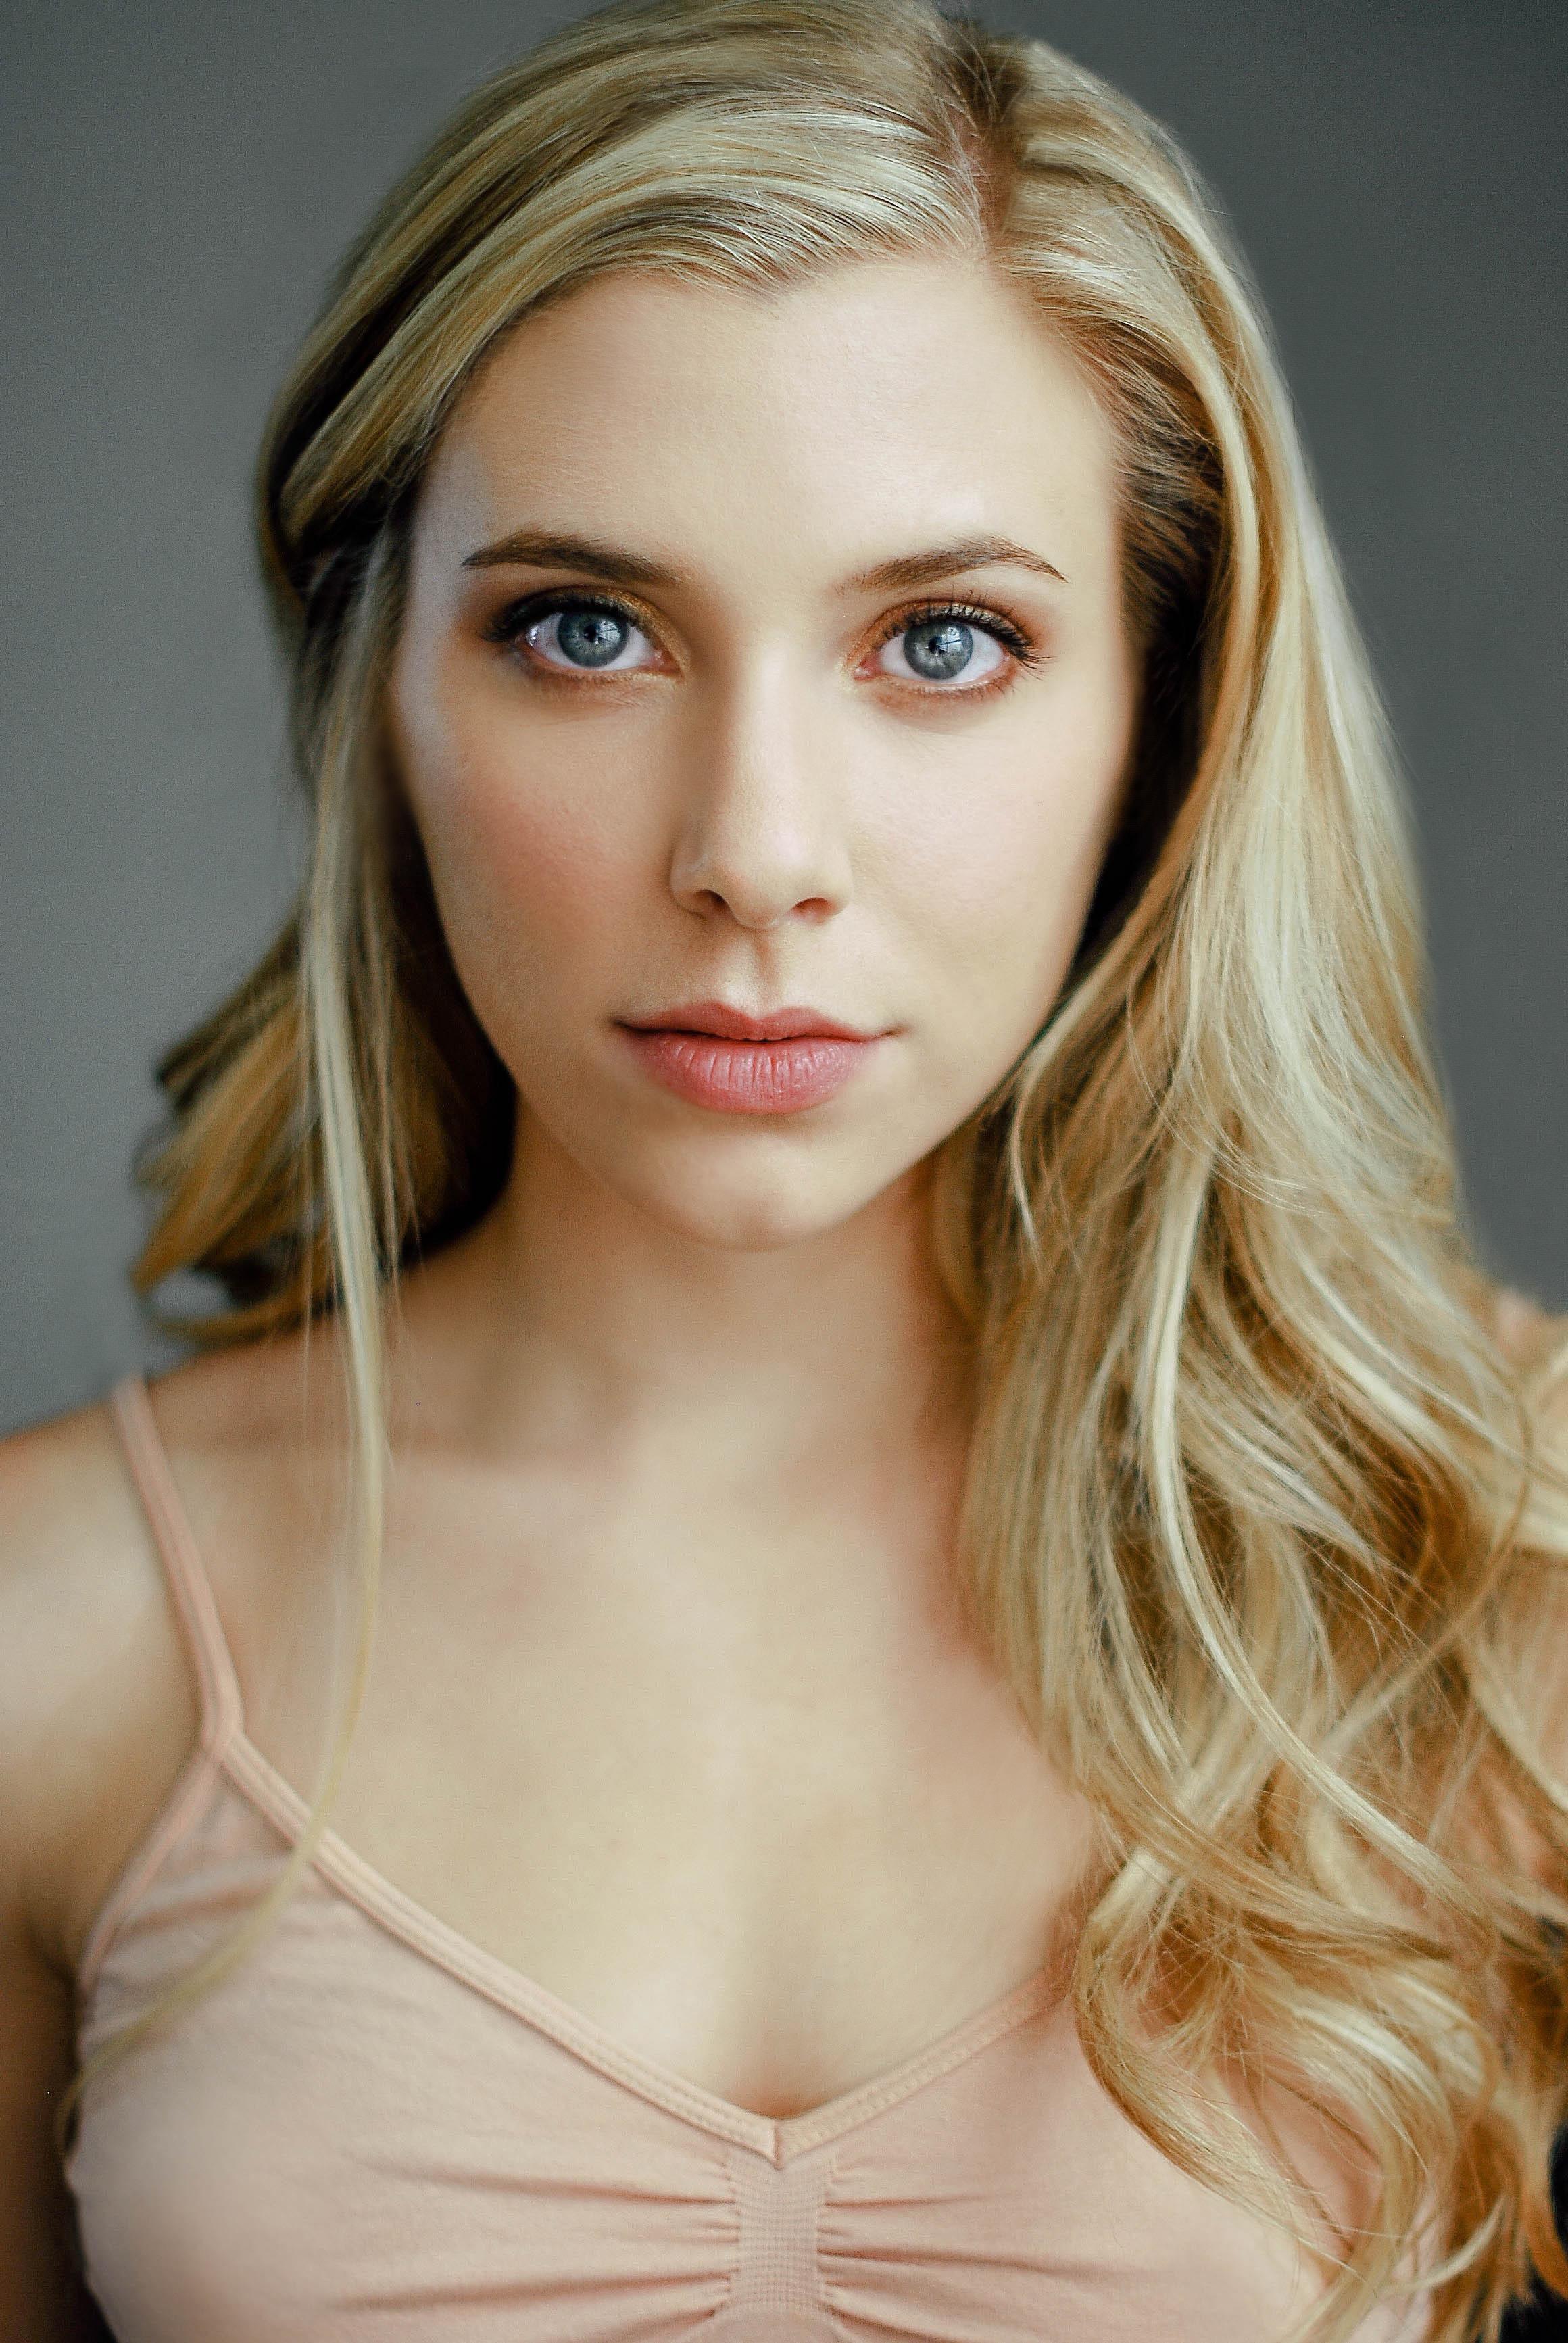 Blonde actress under 20